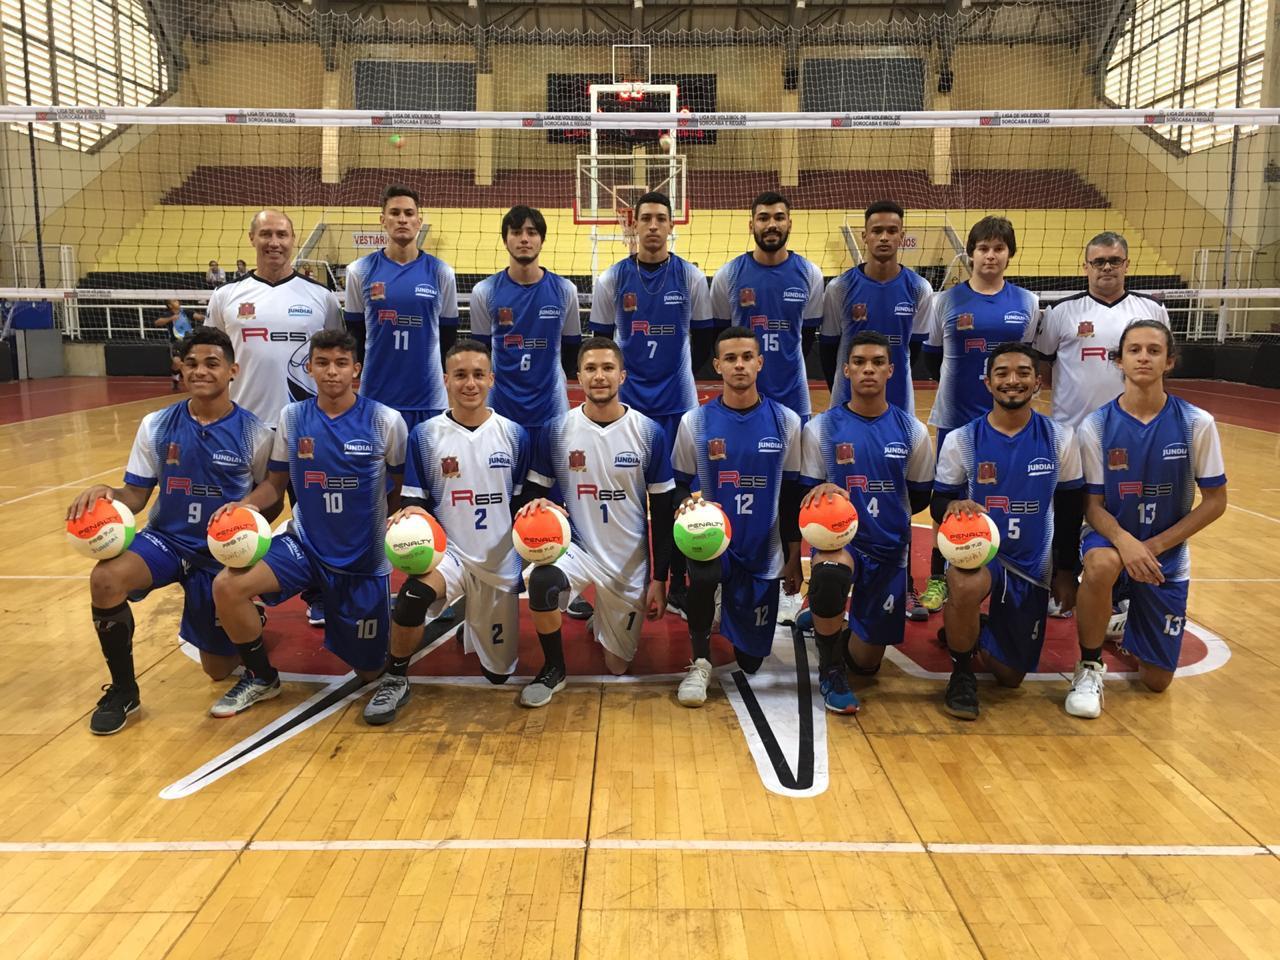 Foto posada de time de futsal em quadra